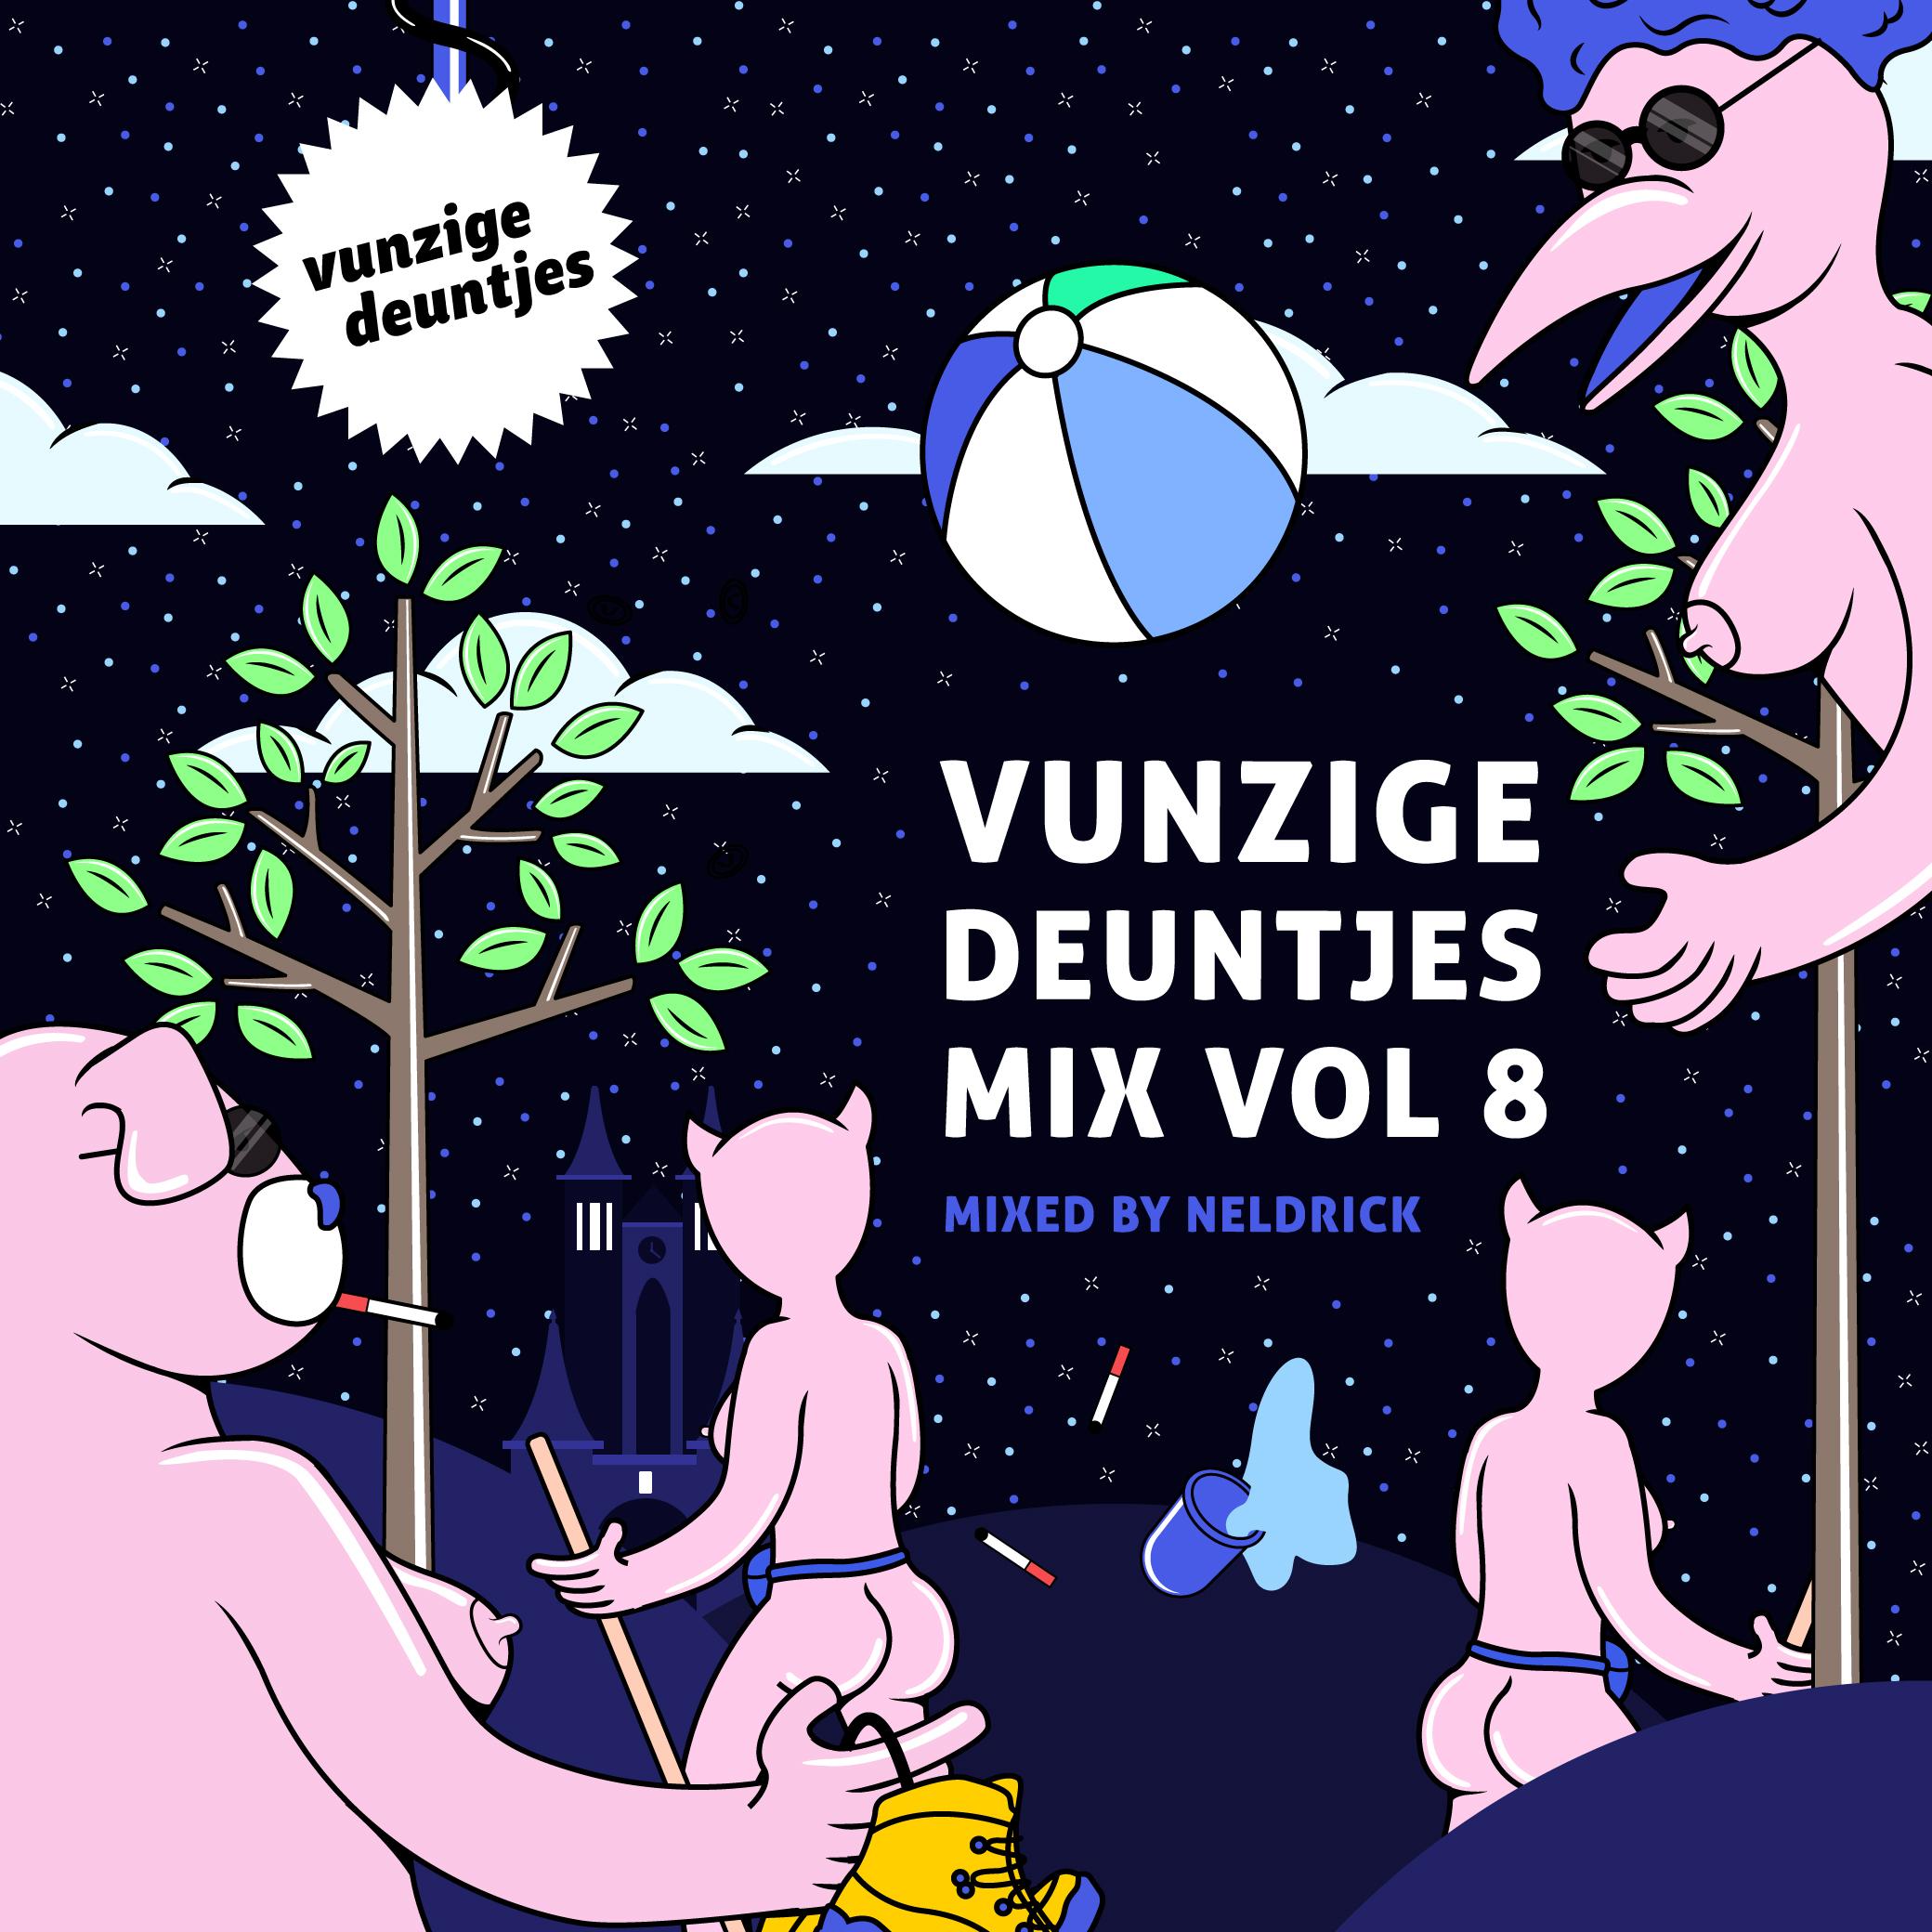 Vunzig_Versie_mixtape-8-1